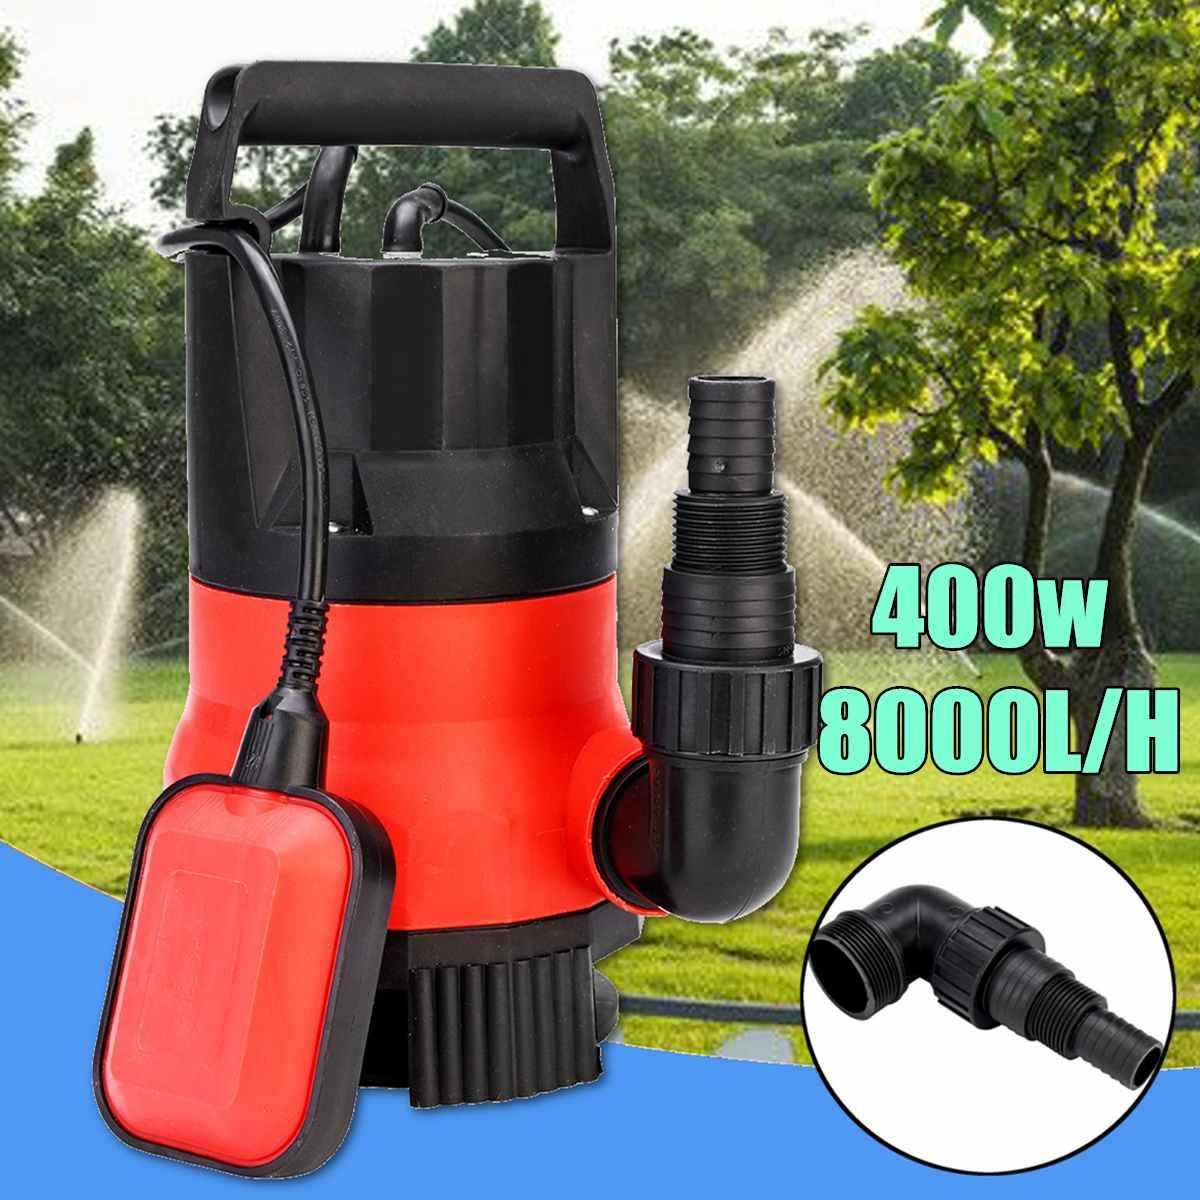 Dompelpomp 400 W Elektrische Waterpomp Vijver Vuile Flood Water Cleaning Tools Zwembad Drainage Irrigatie Aquacultuur Pompen